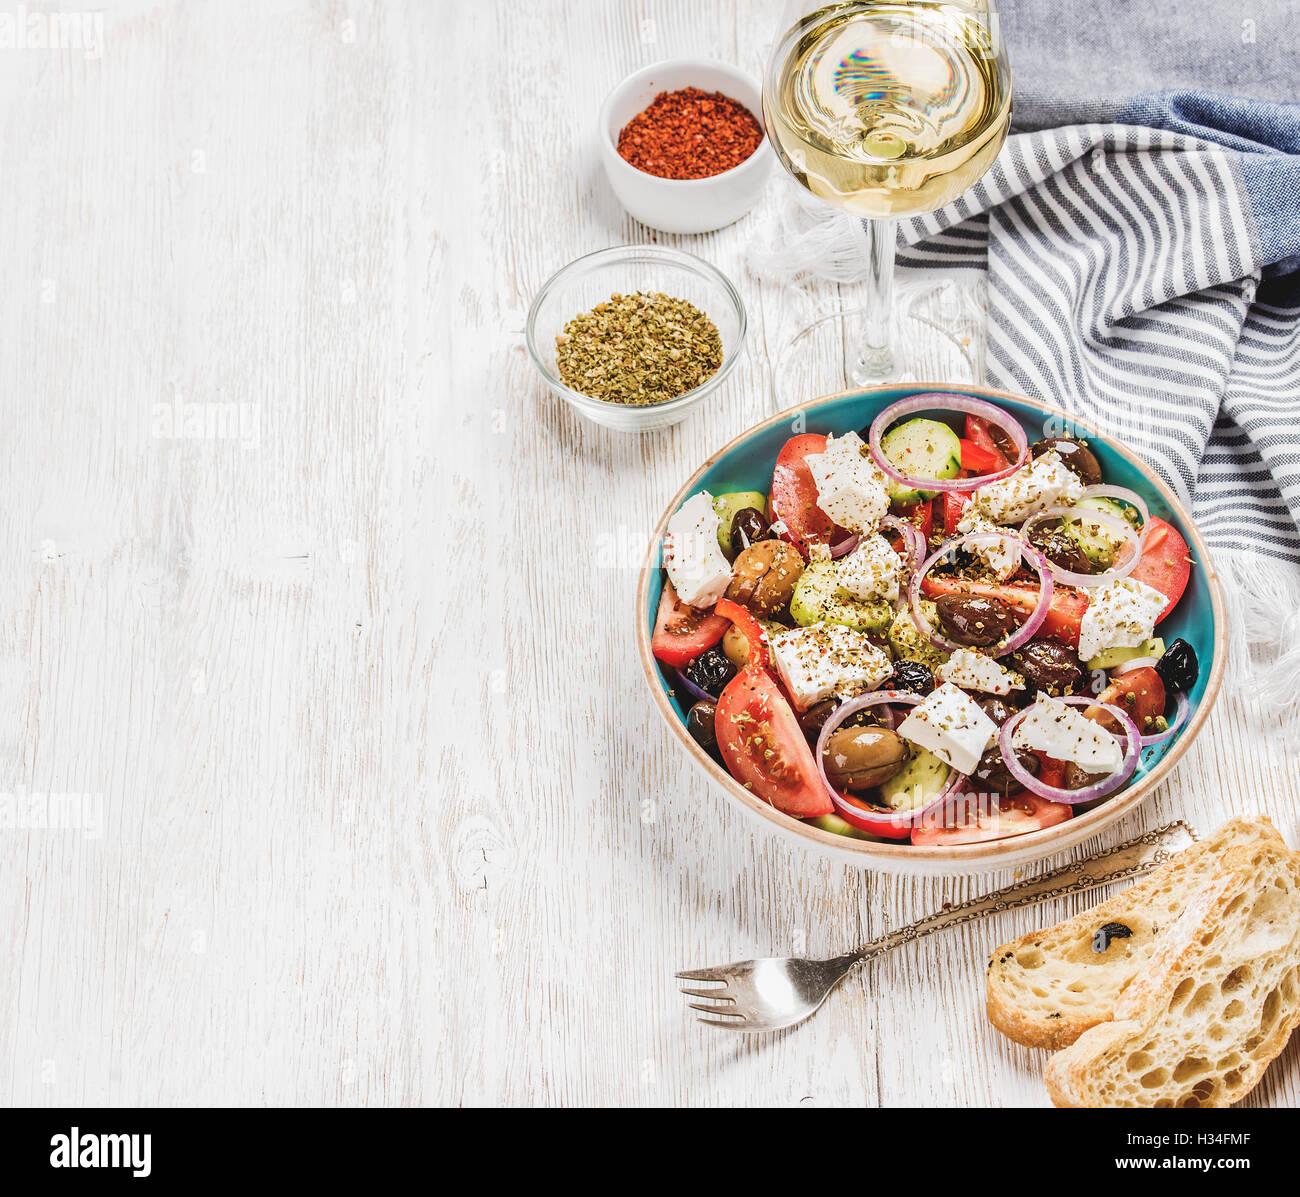 Griechischer Salat mit Brot, Kräutern und Glas Weißwein Stockbild